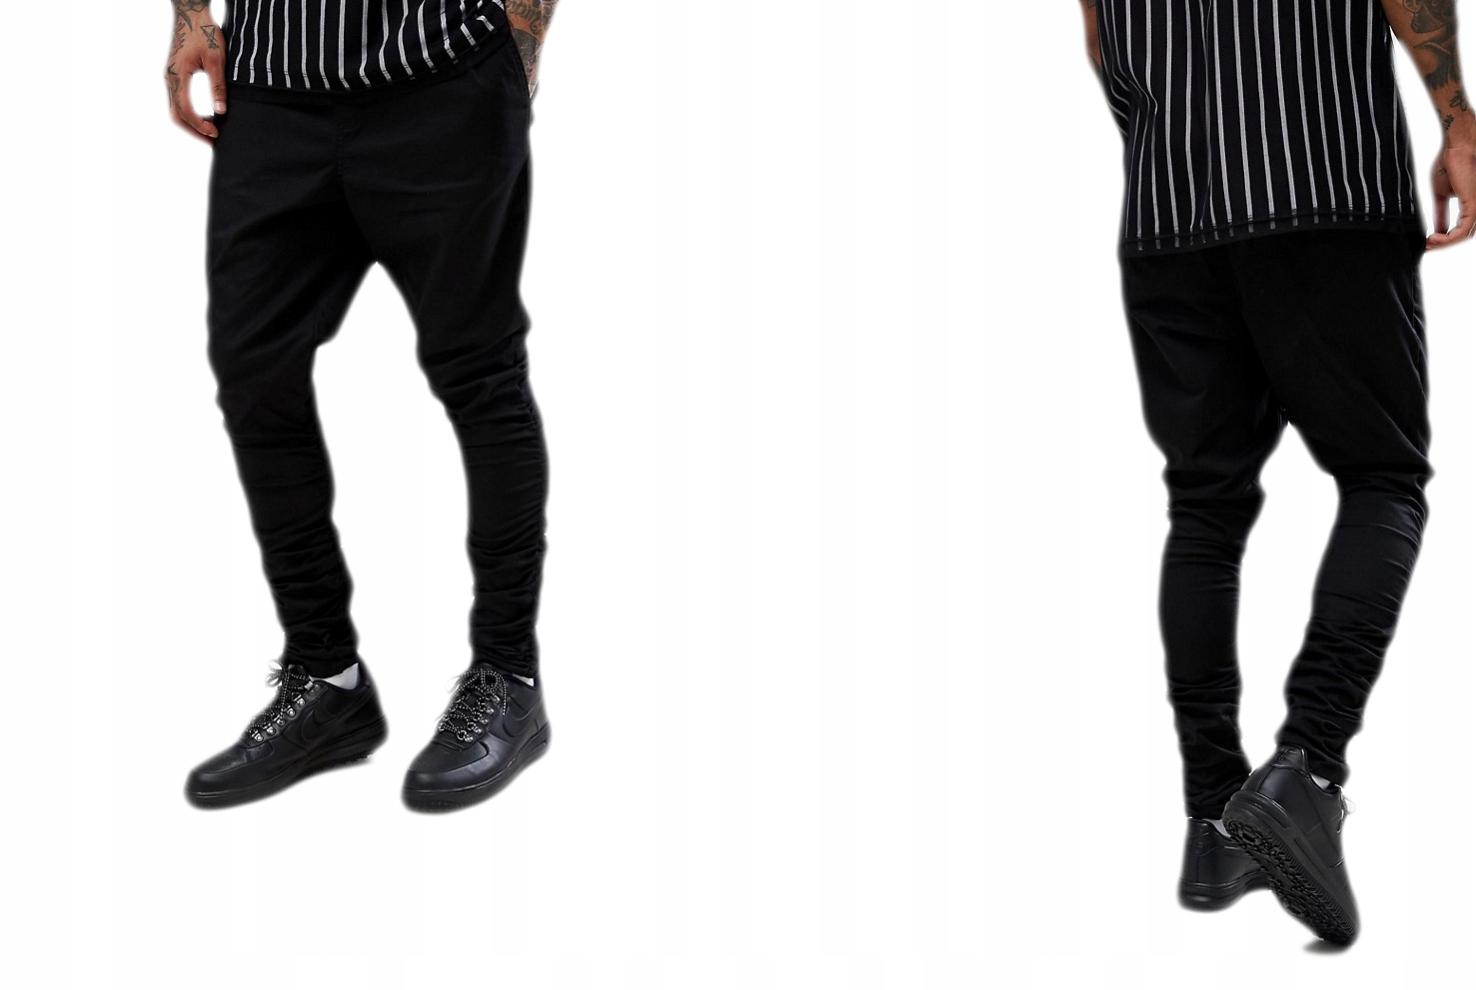 Spodnie męskie czarne slim joggers W34 L32